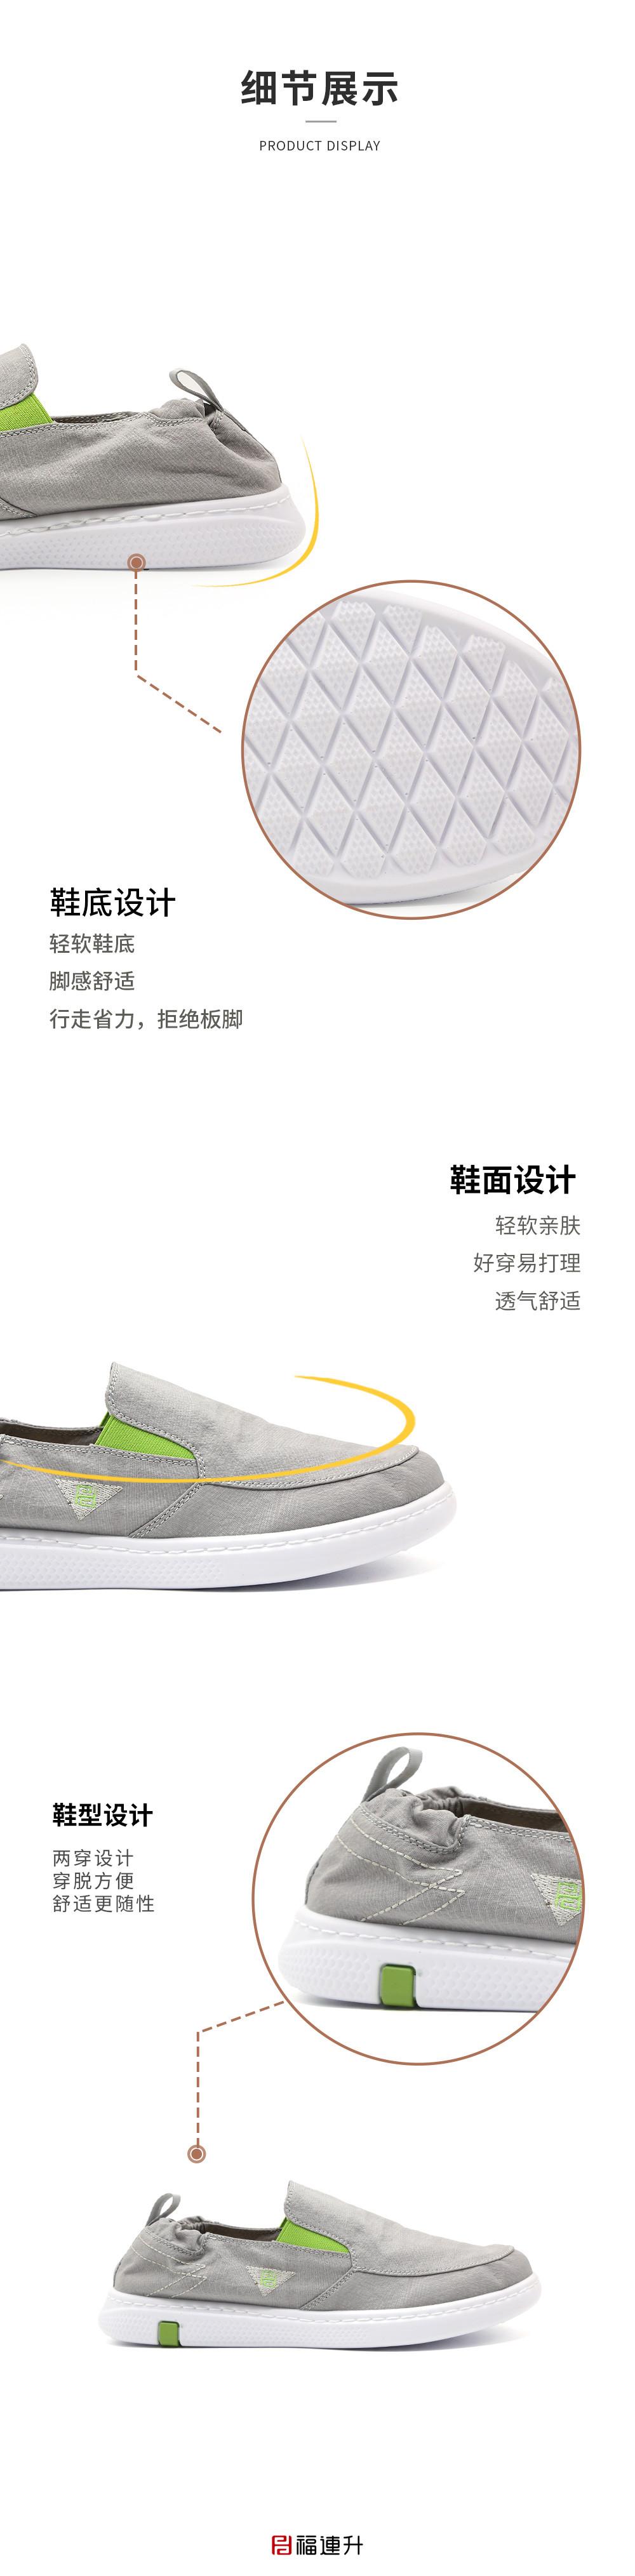 福连升布鞋男老北京百搭休闲男士鞋子一脚蹬冰丝棉麻内里图片